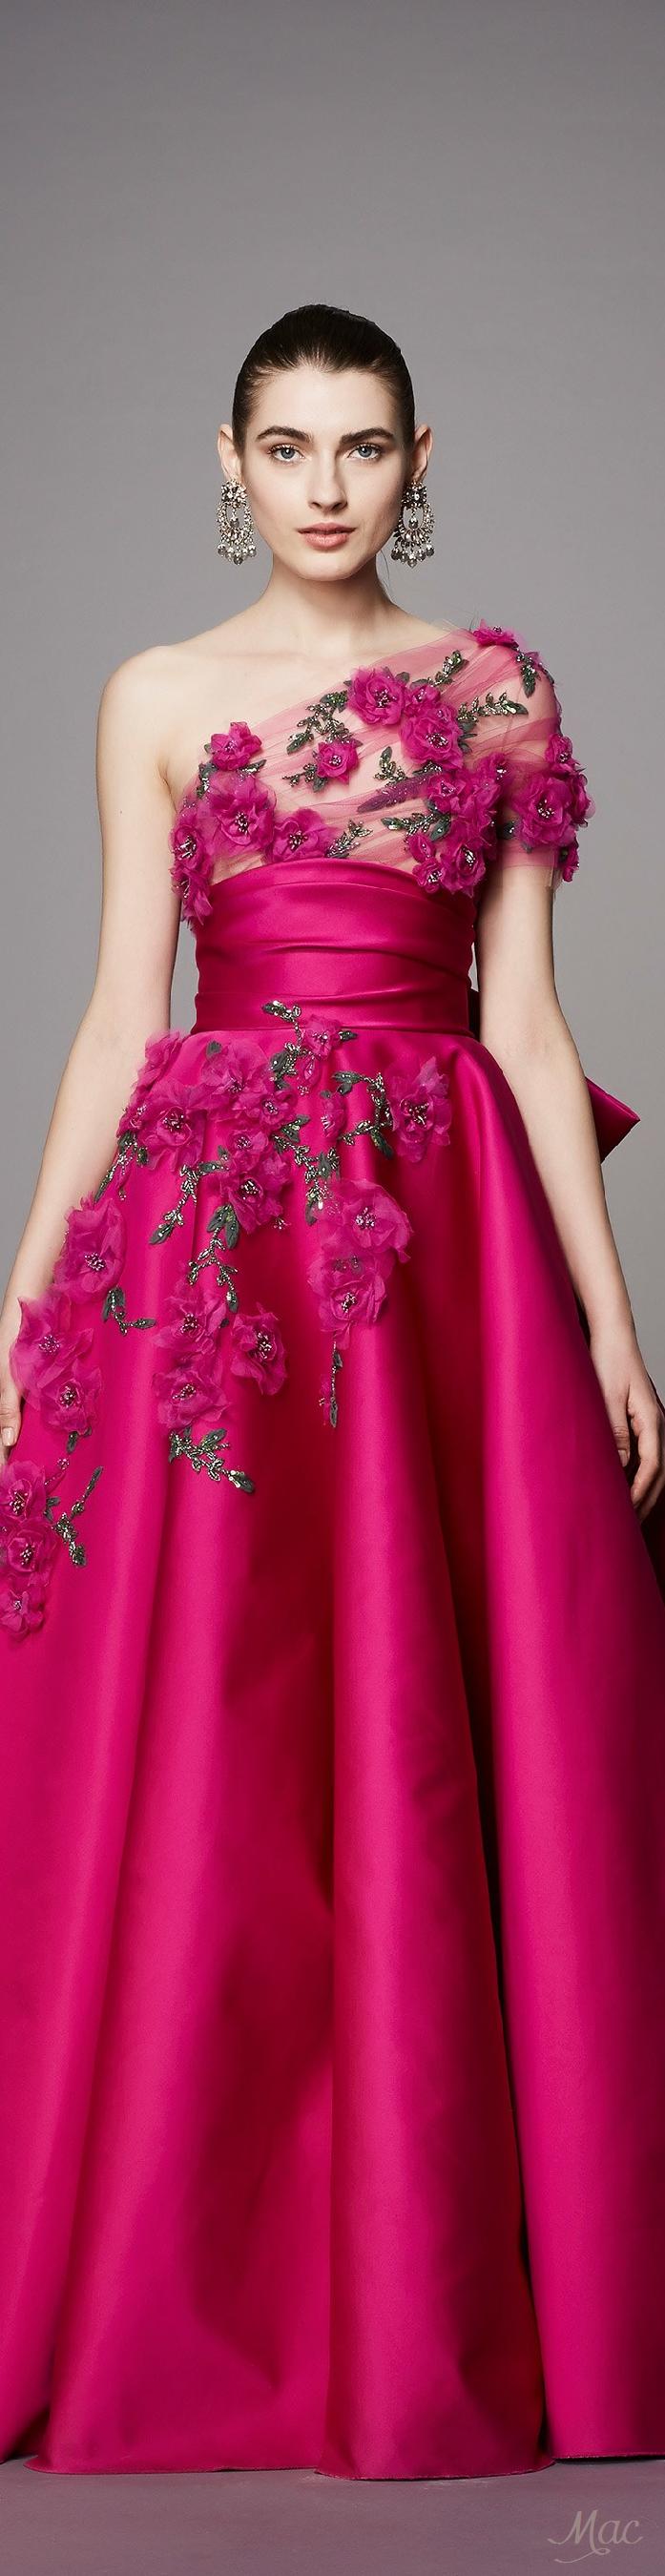 Pin de Kendra en Fashion ♥ | Pinterest | Vestiditos, Vestidos de ...